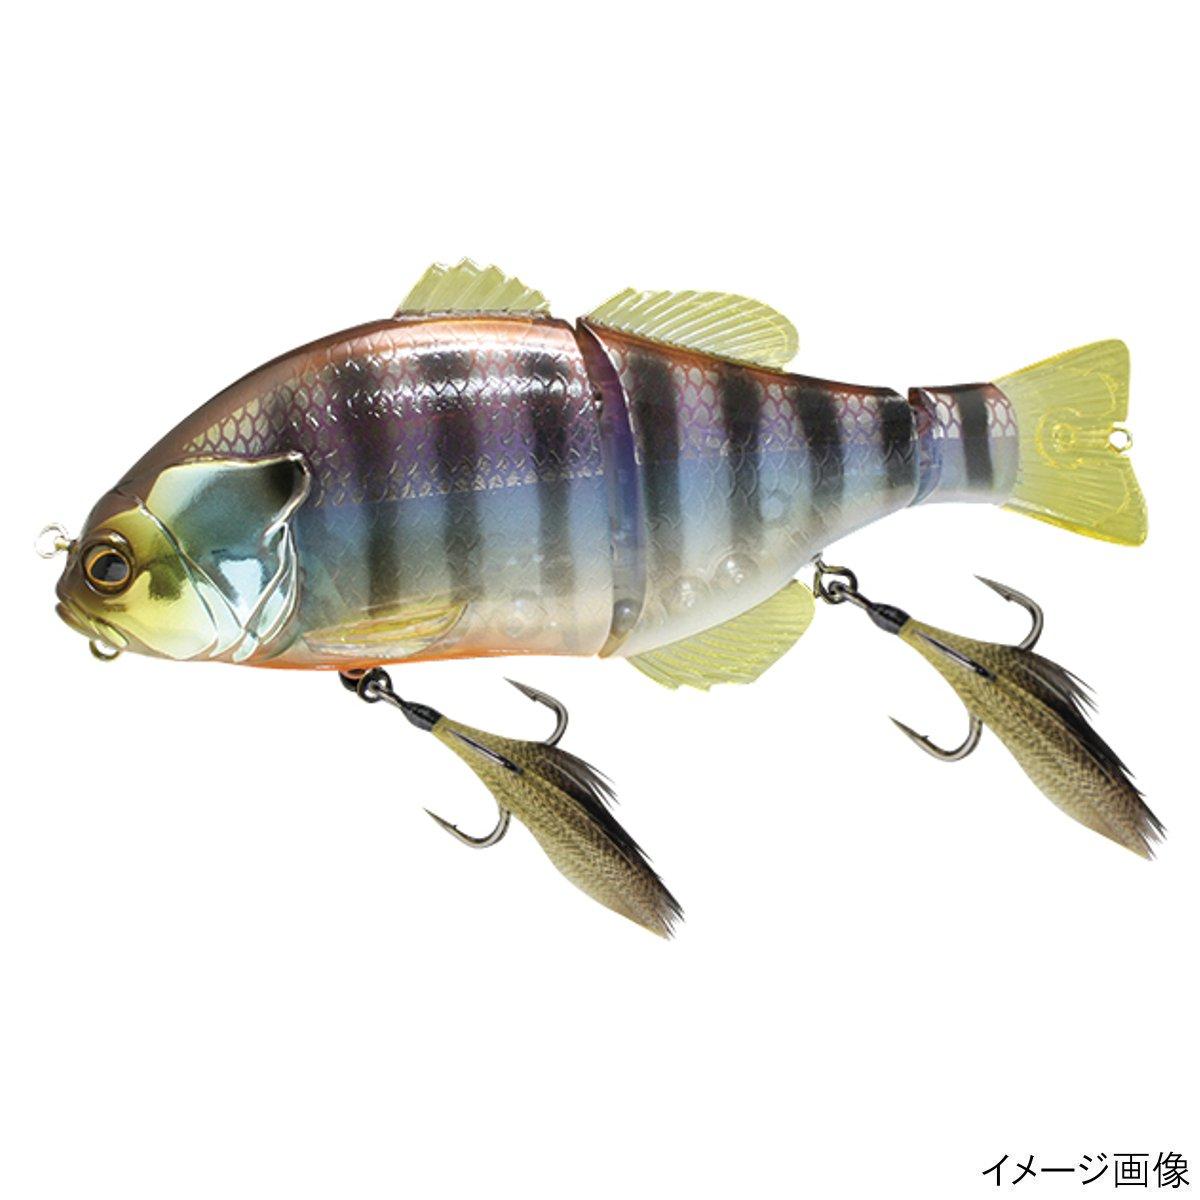 ジャッカル チビタレル ウロコホロ チギル(東日本店)